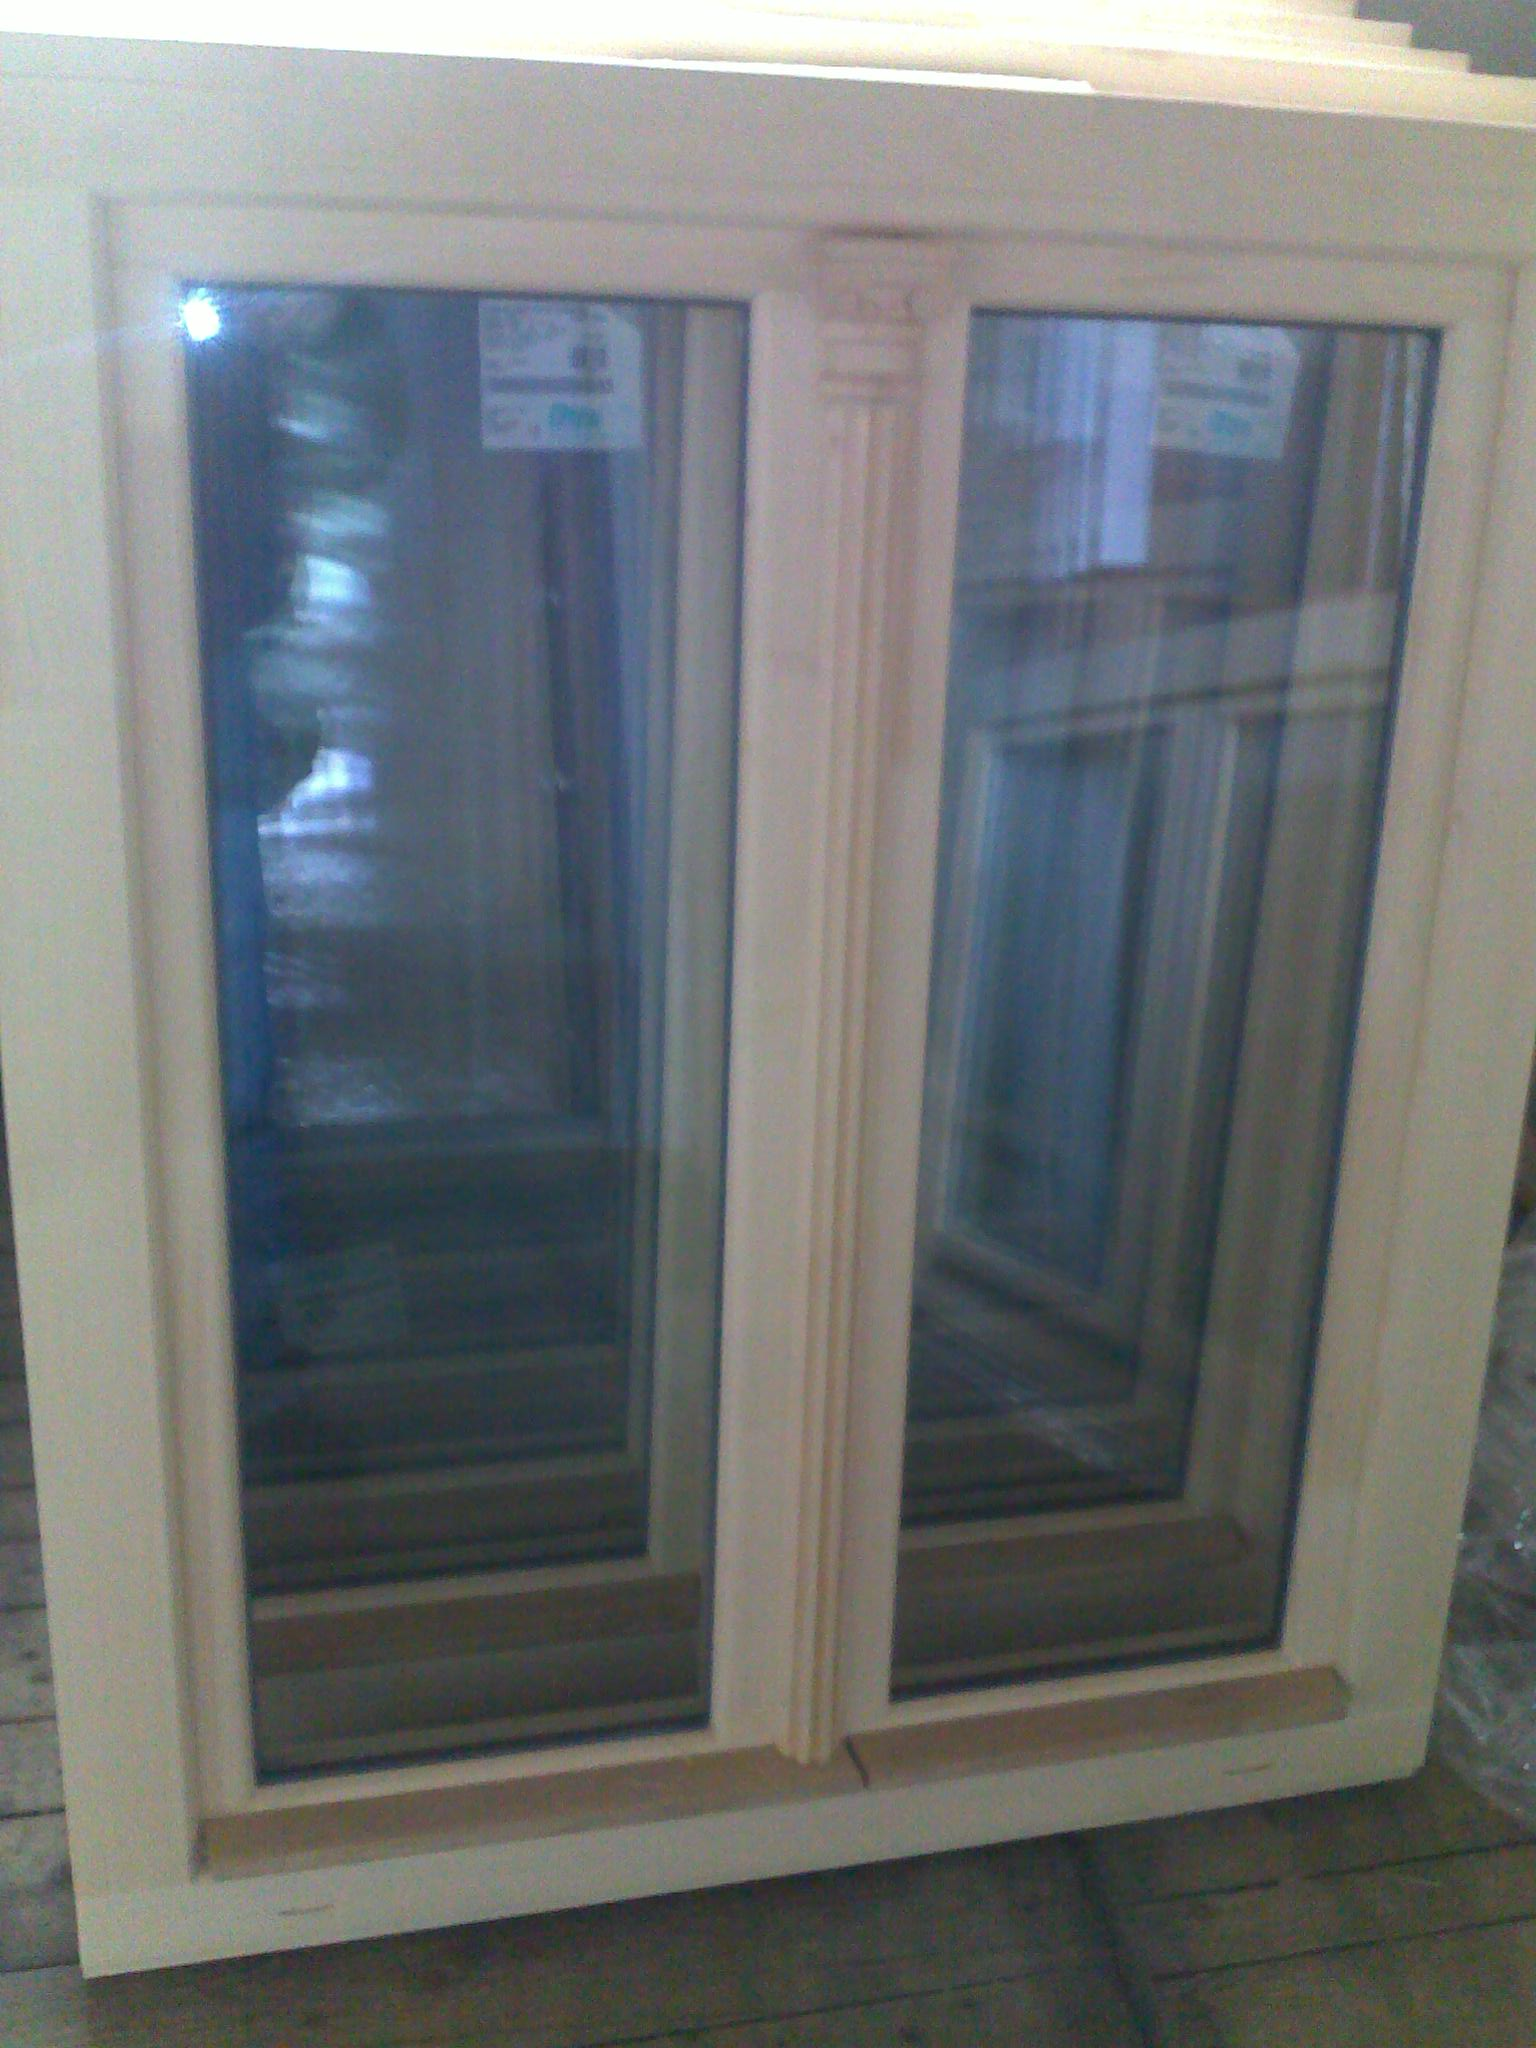 abc fenster holzfenster historischer stil 100 cm breit x 120 cm hoch europrofil fichte. Black Bedroom Furniture Sets. Home Design Ideas